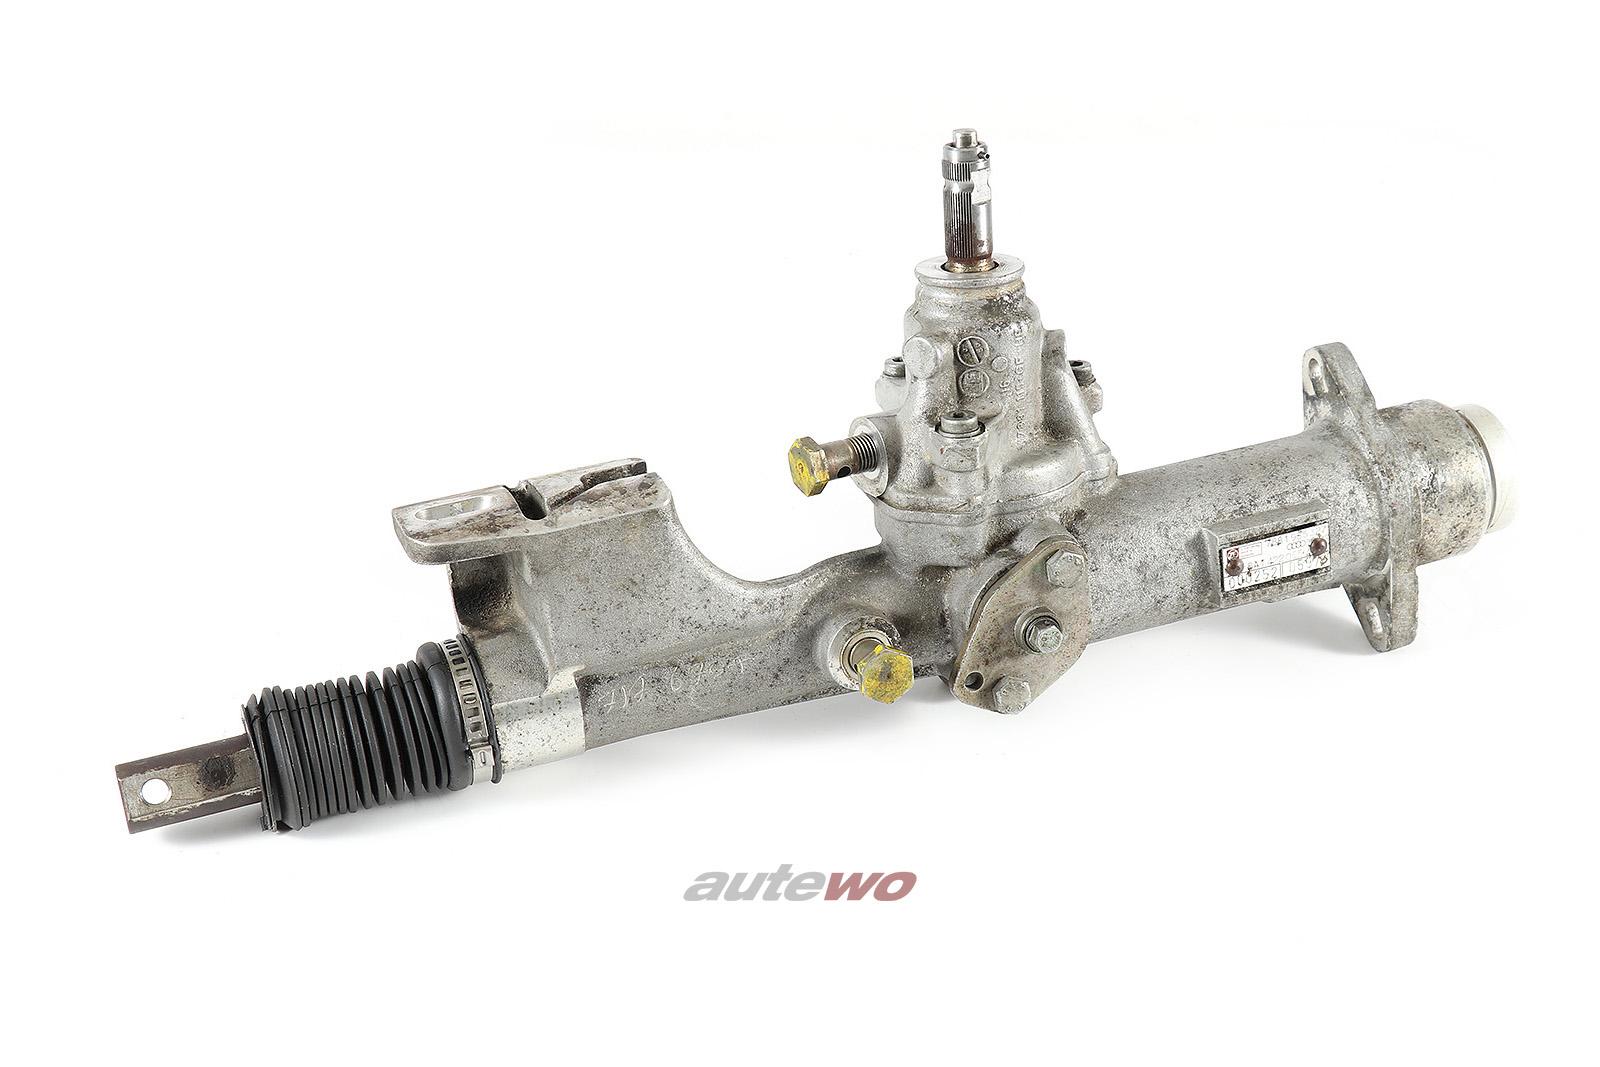 8A1422065L 8G1422065A Audi 80 Typ 89 Cabrio 4 Zylinder ABK/ADR Lenkgetriebe